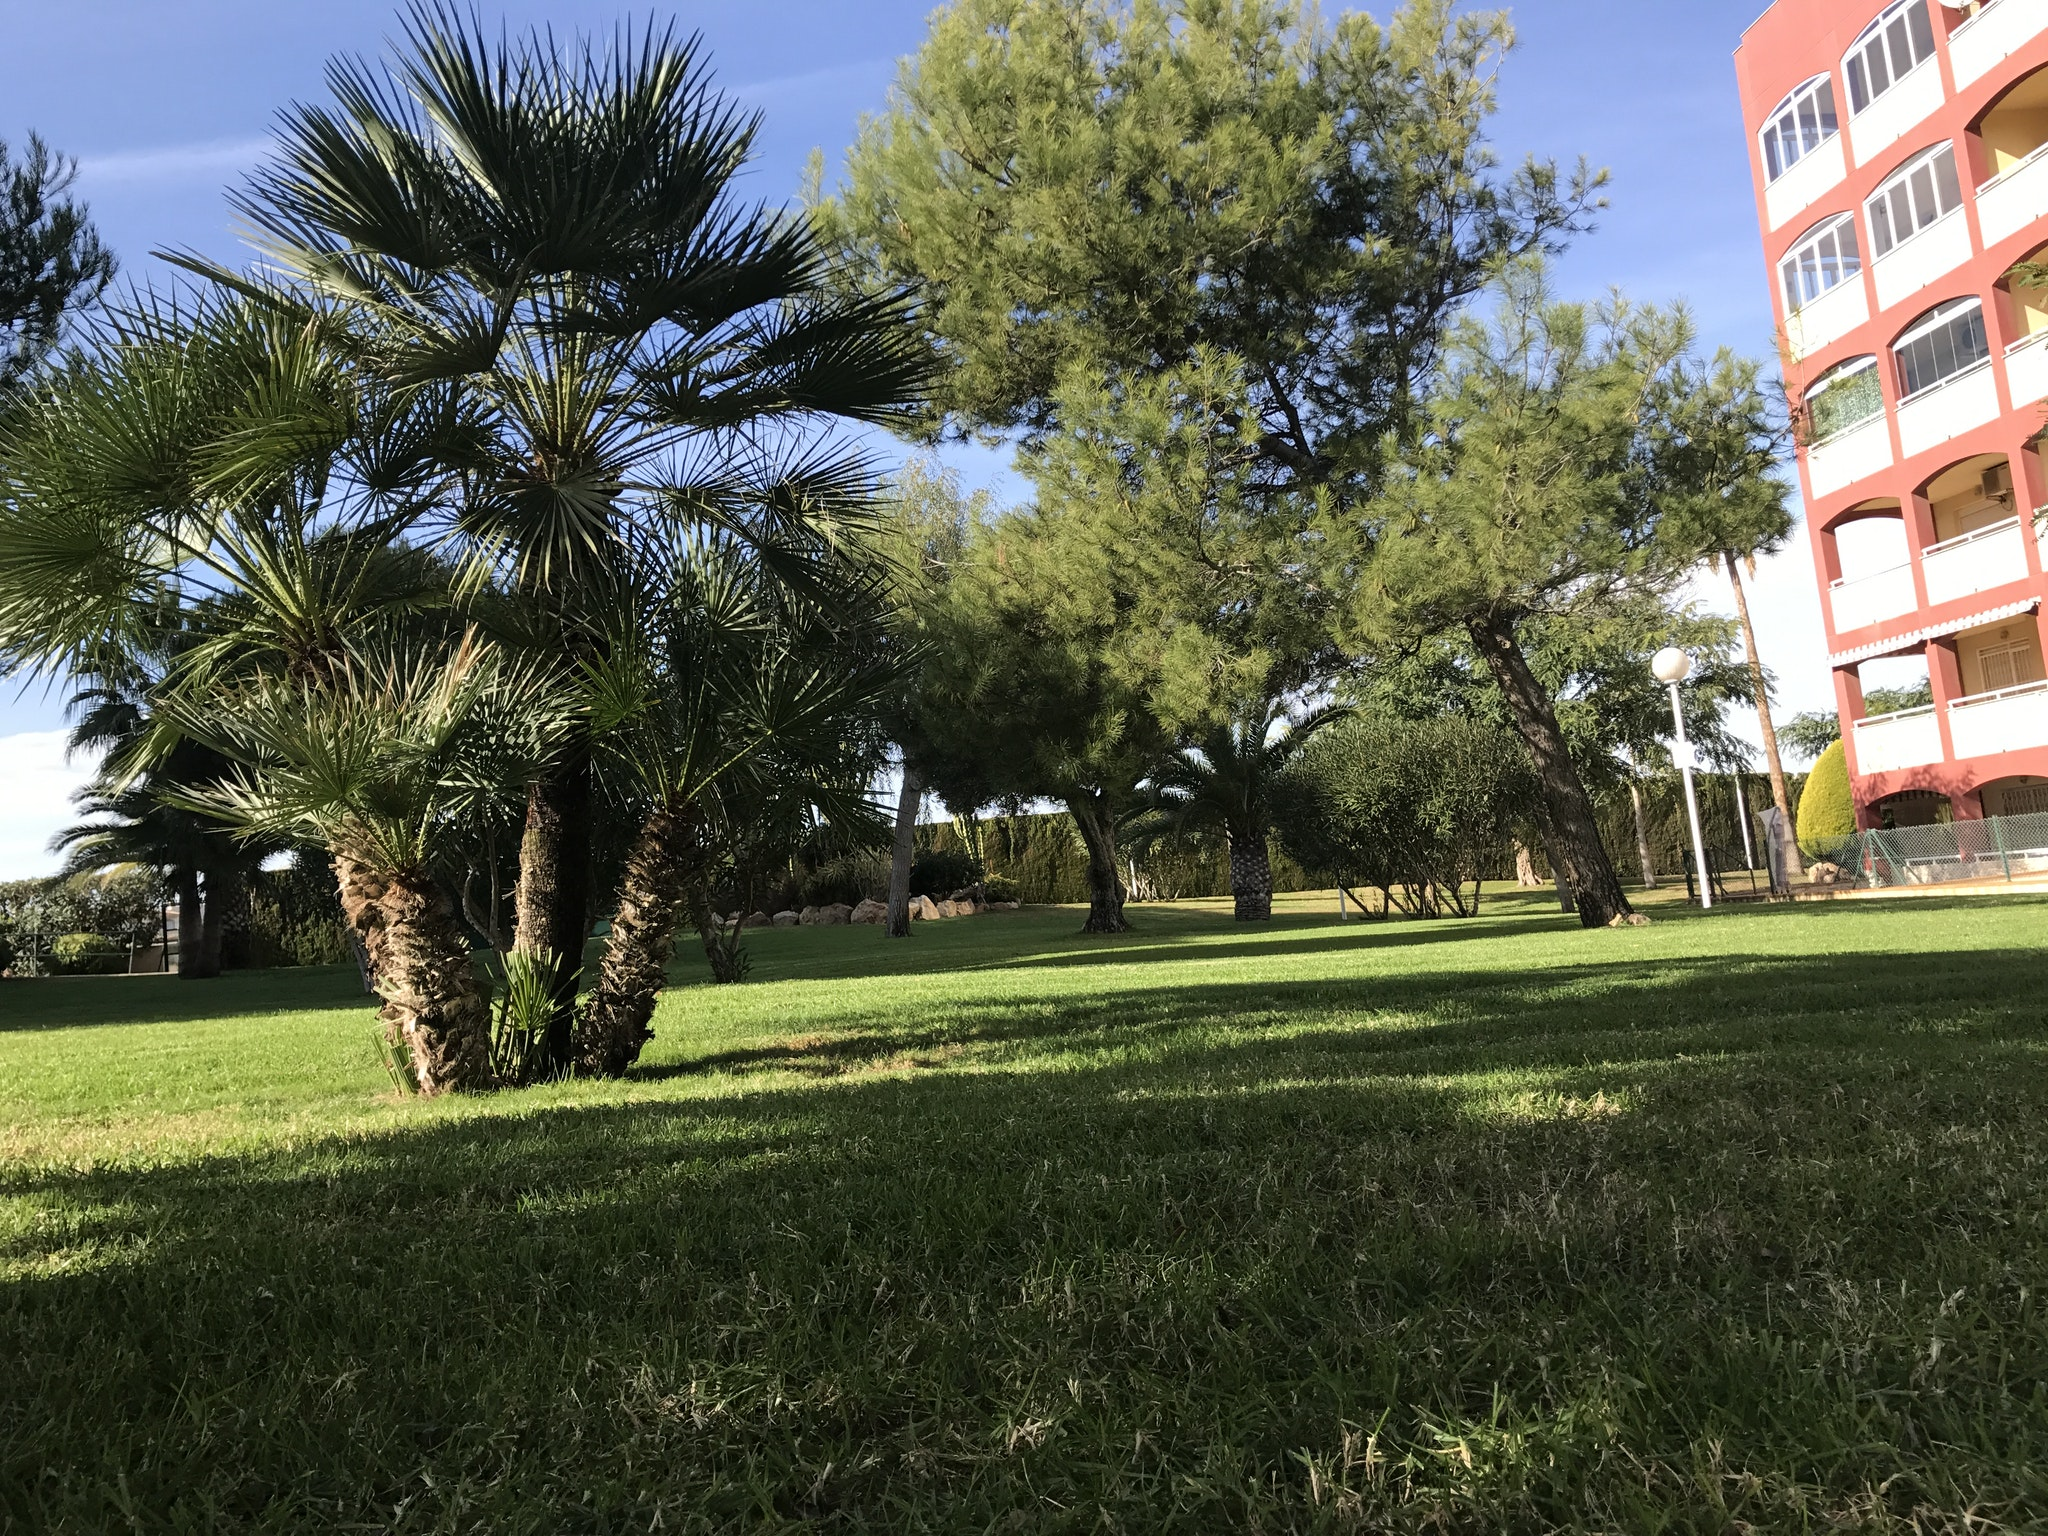 Ferienwohnung Wohnung mit 2 Schlafzimmern in Torrevieja mit Pool und möblierter Terrasse - 400 m vom Str (2342556), Torrevieja, Costa Blanca, Valencia, Spanien, Bild 21